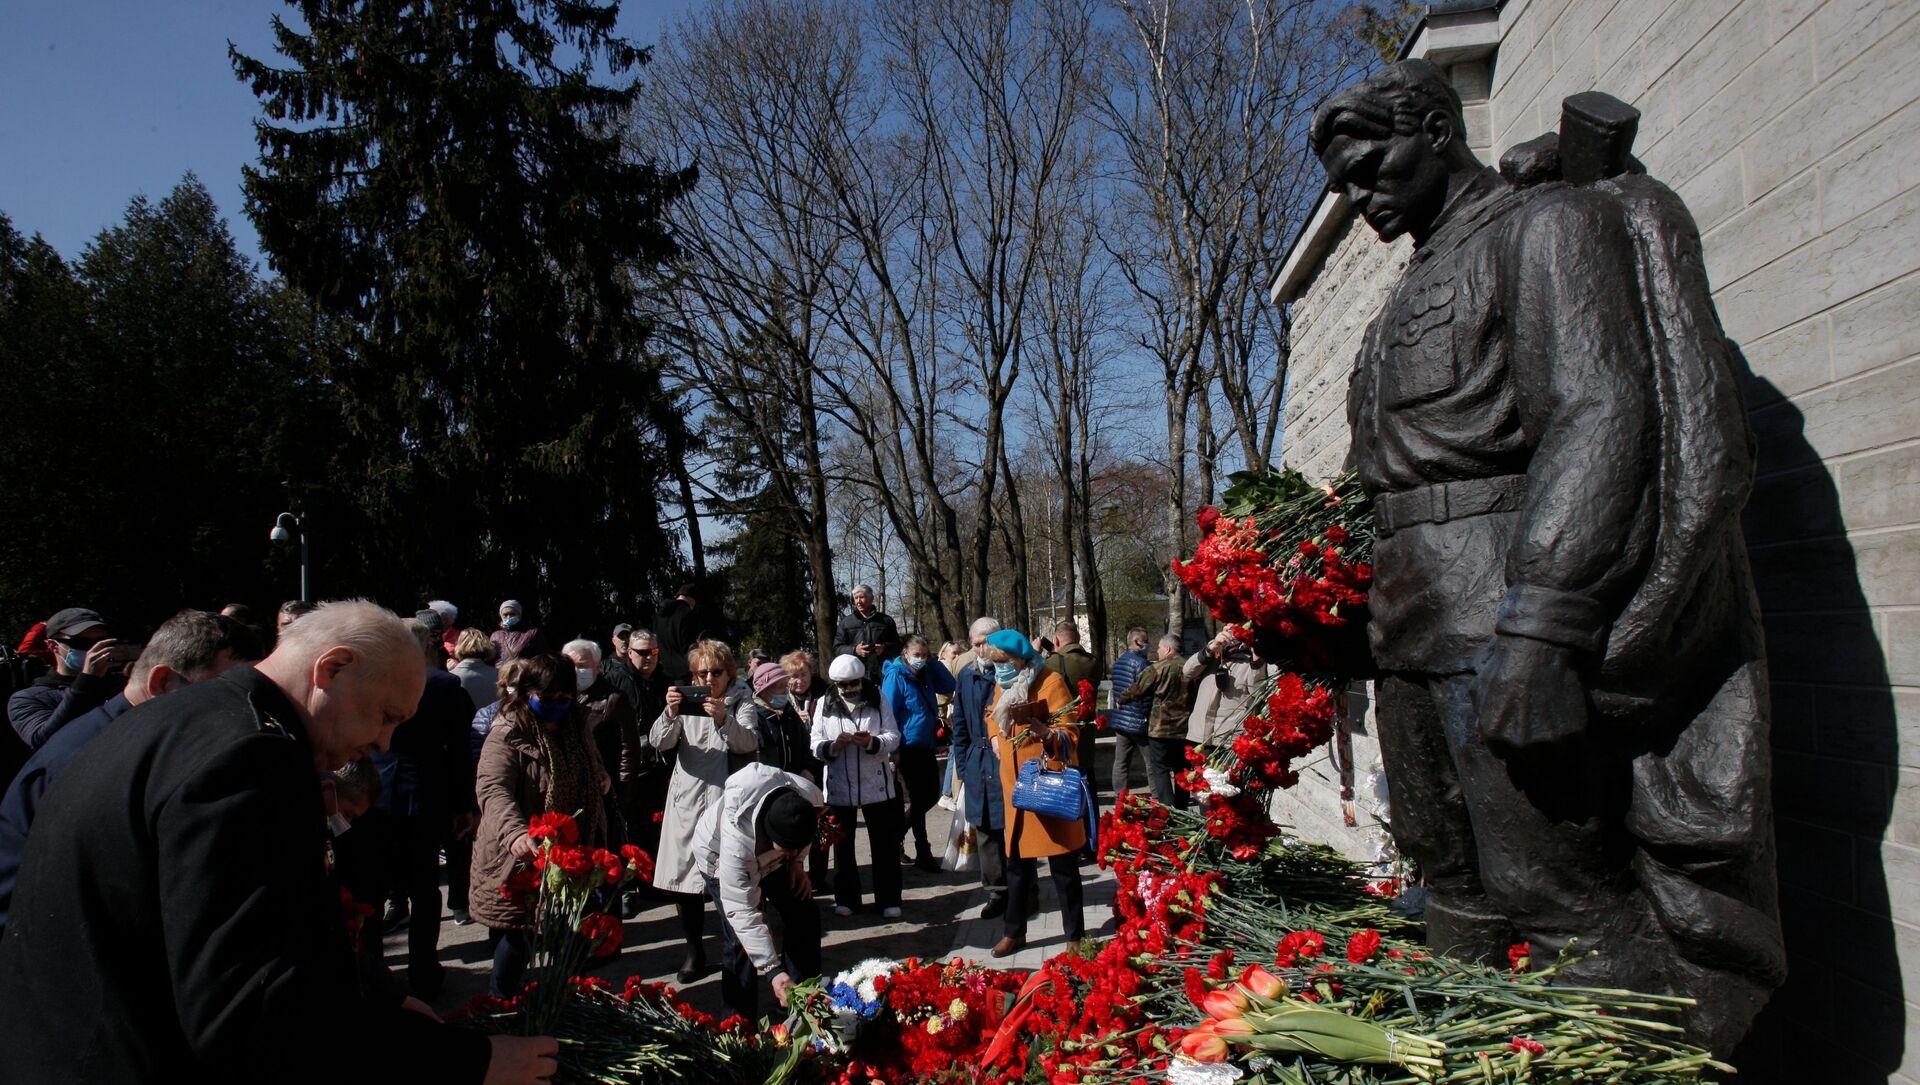 Возложение цветов к монументу Павшим во Второй мировой войне на Военном кладбище в Таллине, 9 мая 2021 - Sputnik Латвия, 1920, 18.05.2021